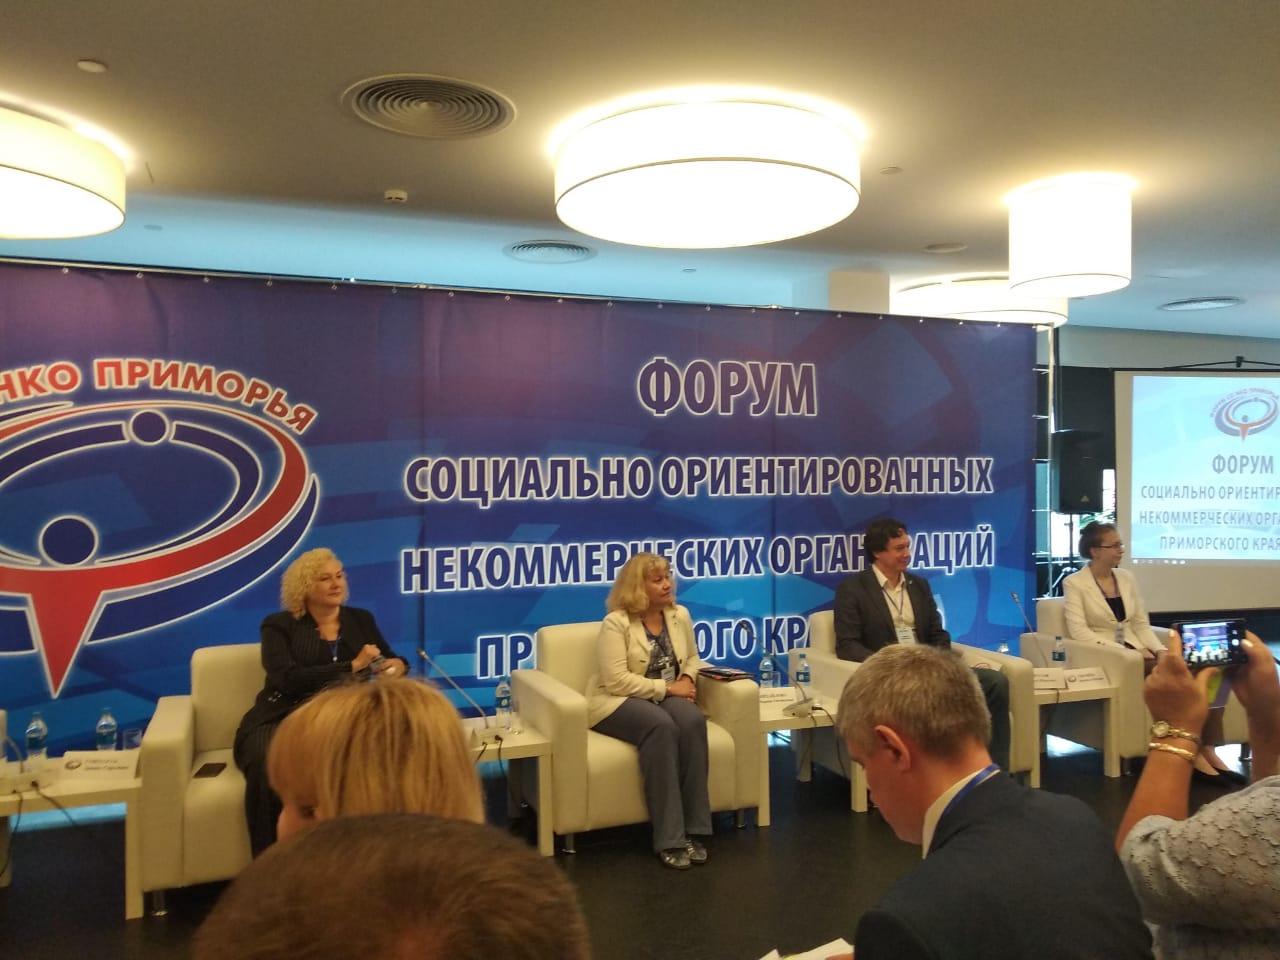 Форум социально ориентированных НКО прошёл в Приморском крае